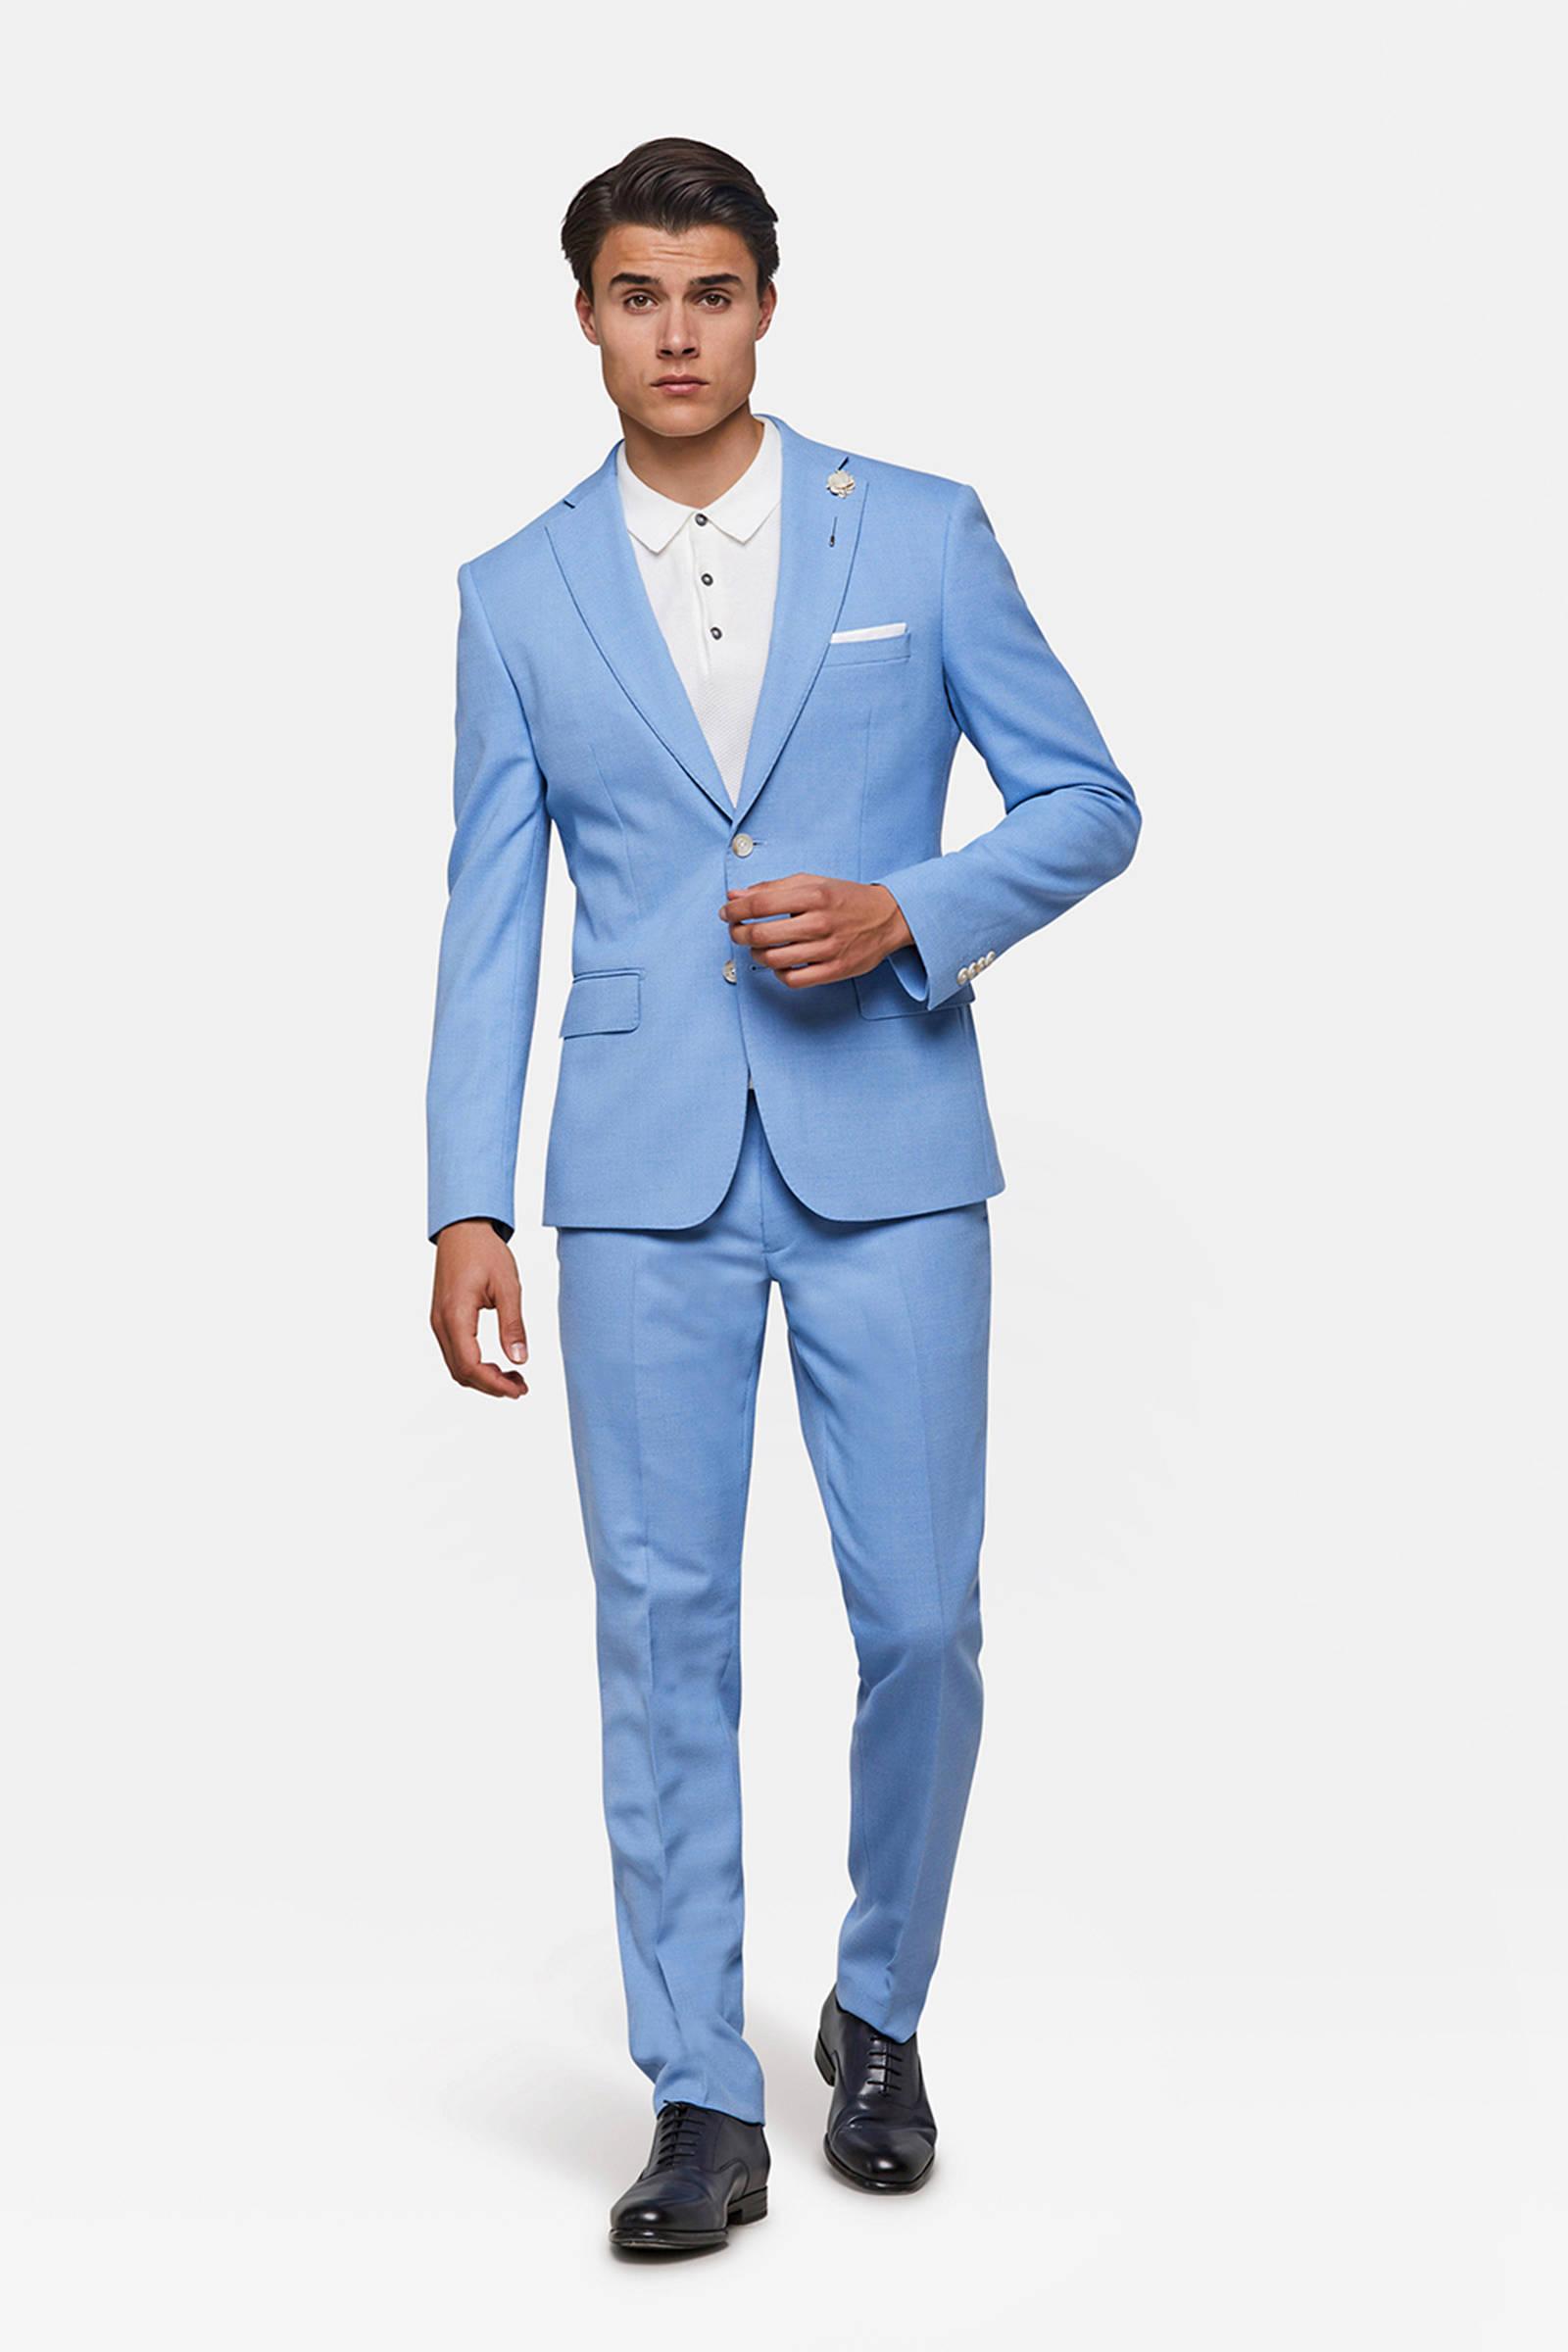 Skinny We Colbert Wol Met Fashion Fit 53L4jAR